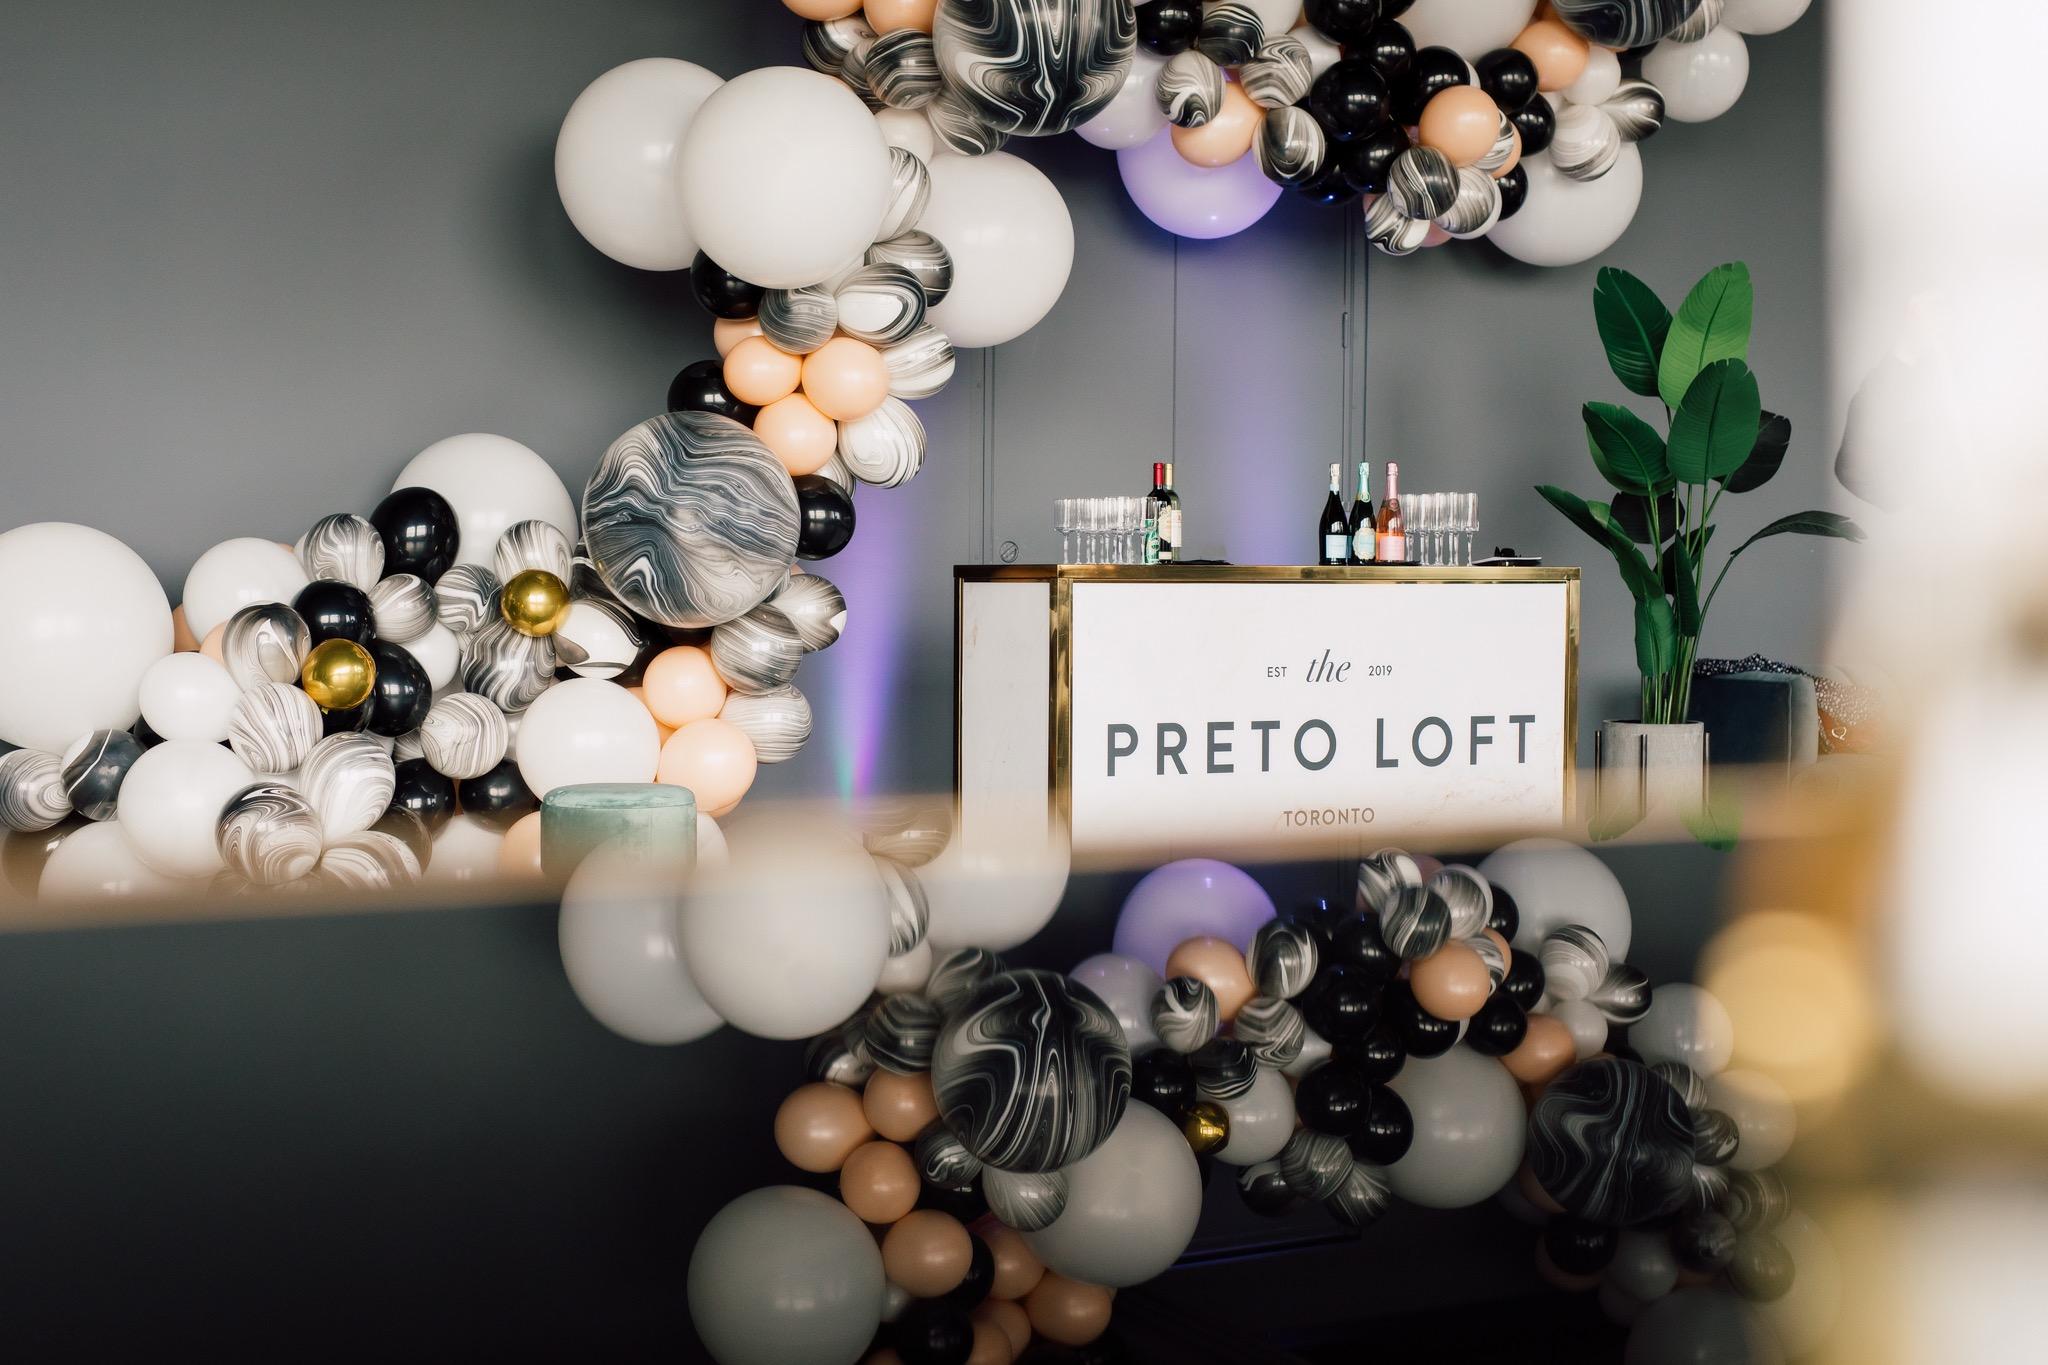 Event Venue Preto Loft